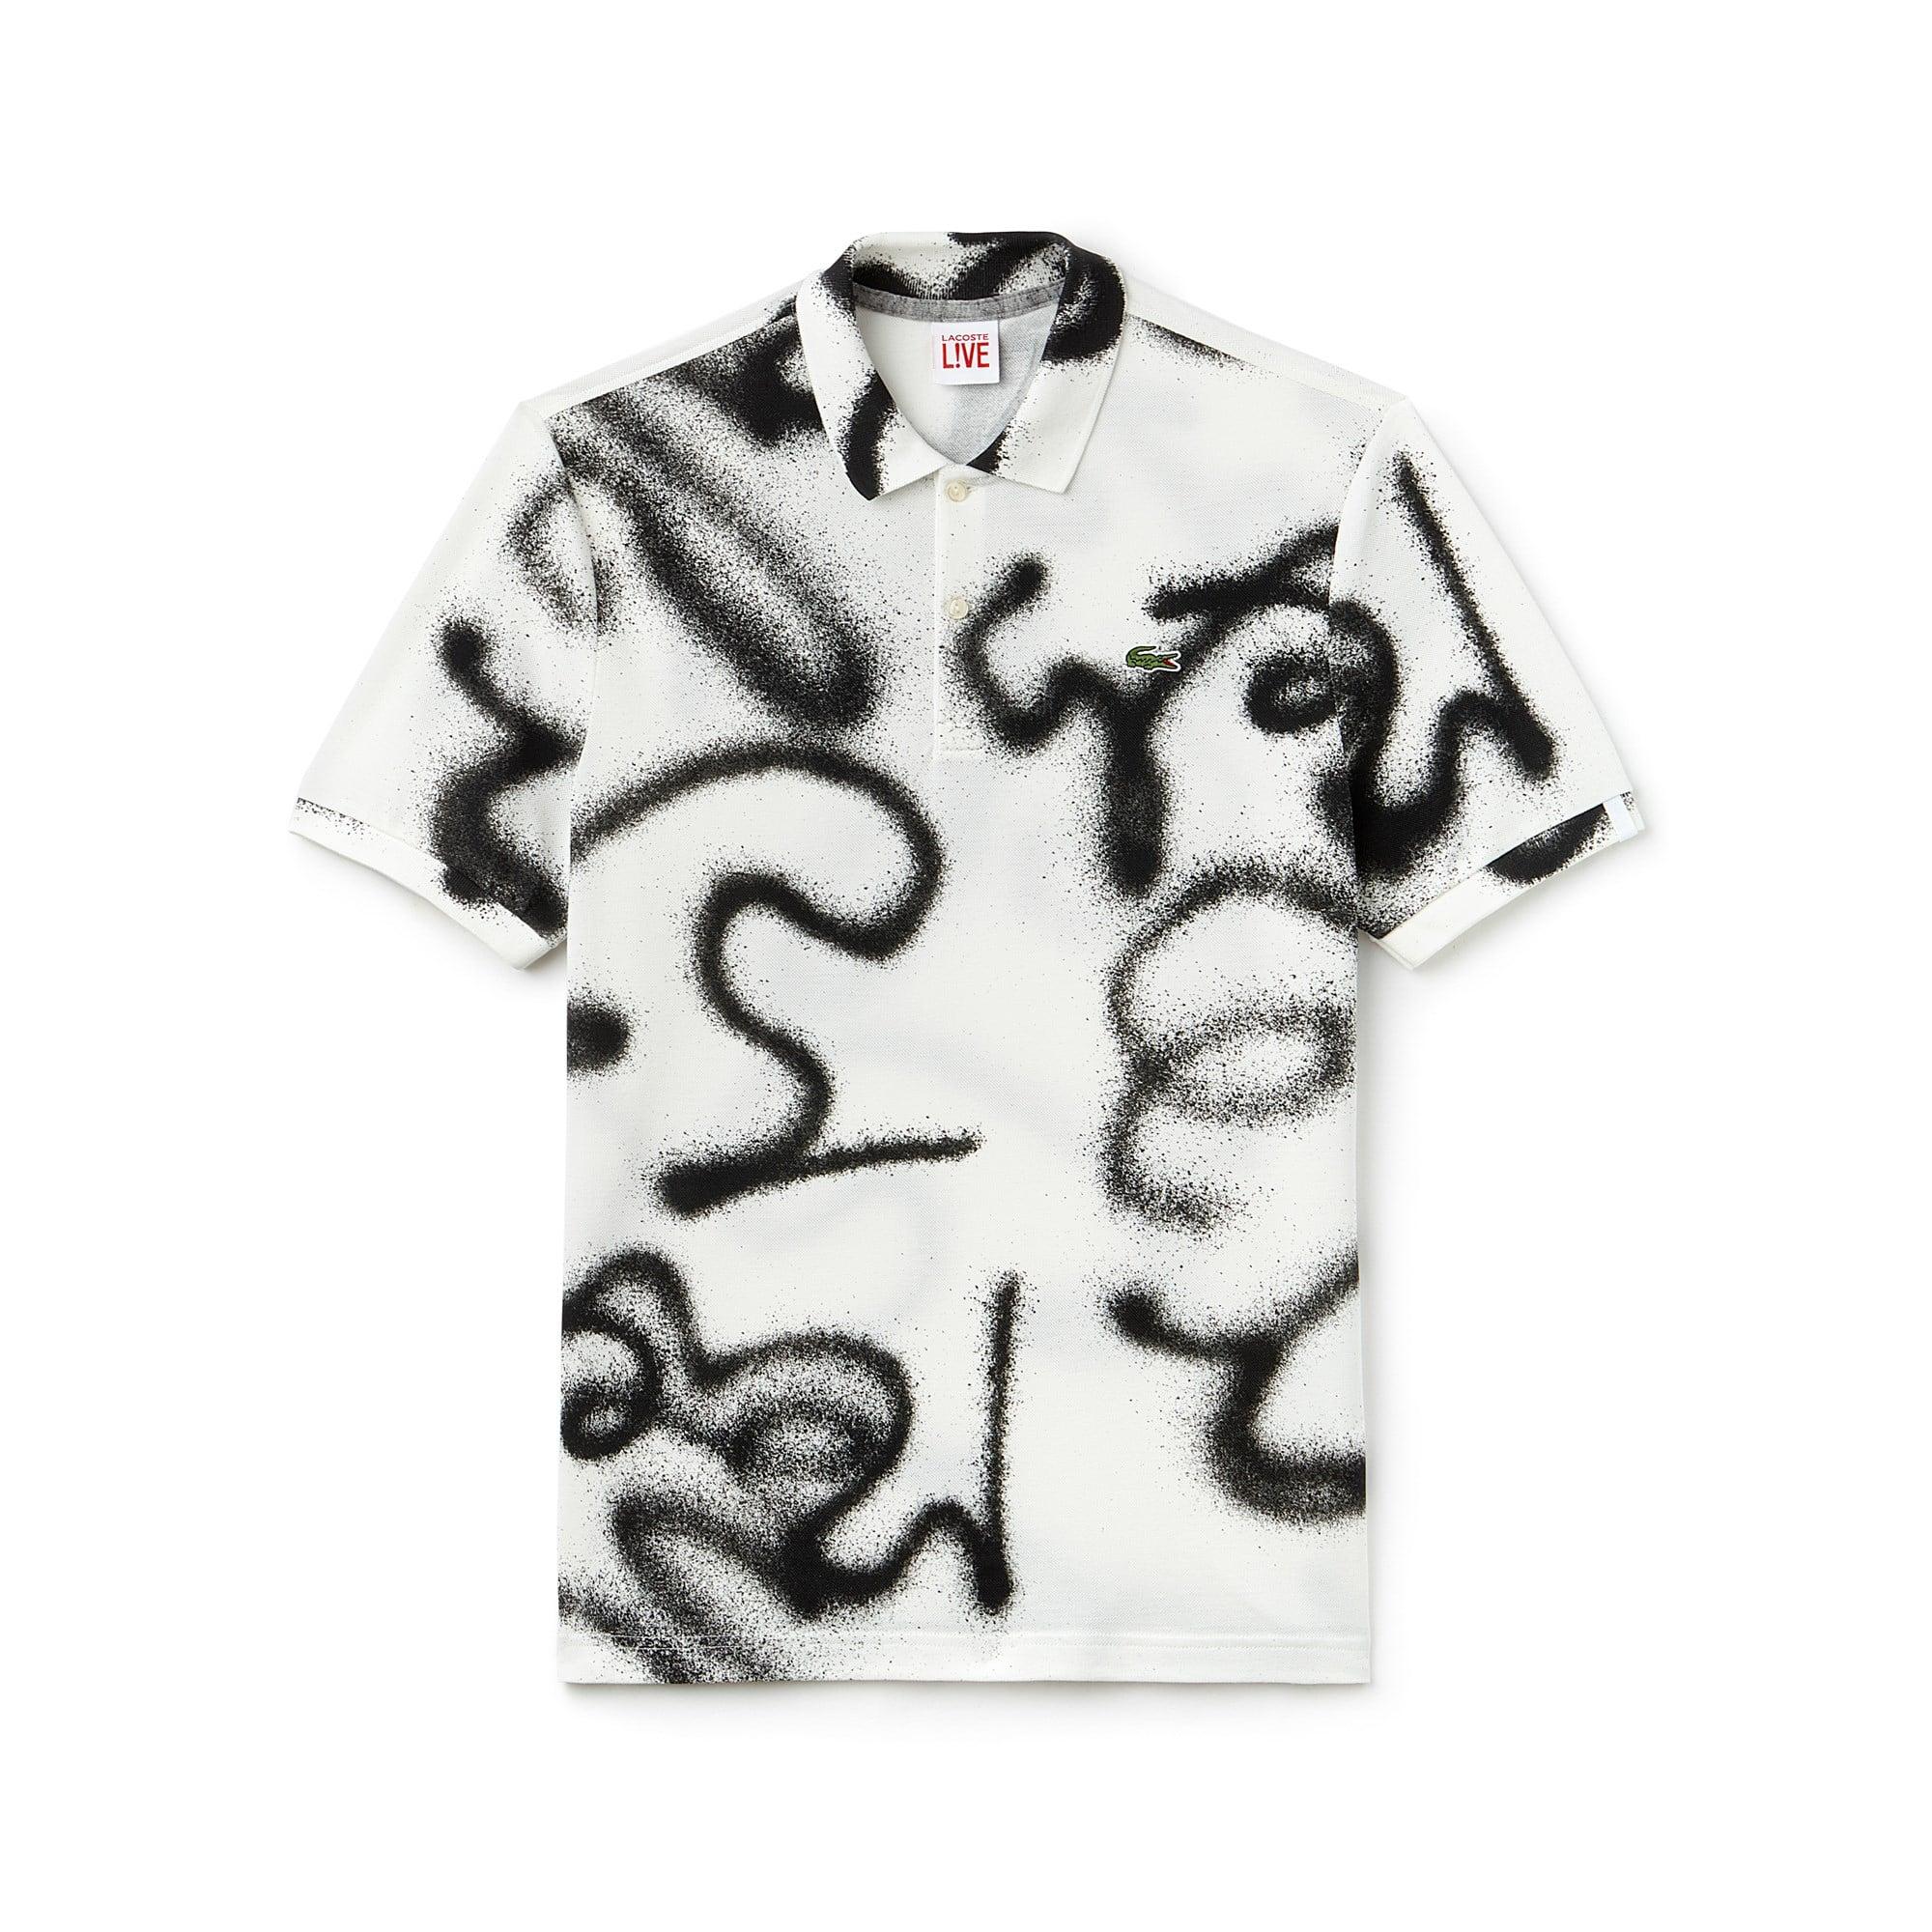 Polo regular fit Lacoste LIVE em mini piqué com impressão grafites